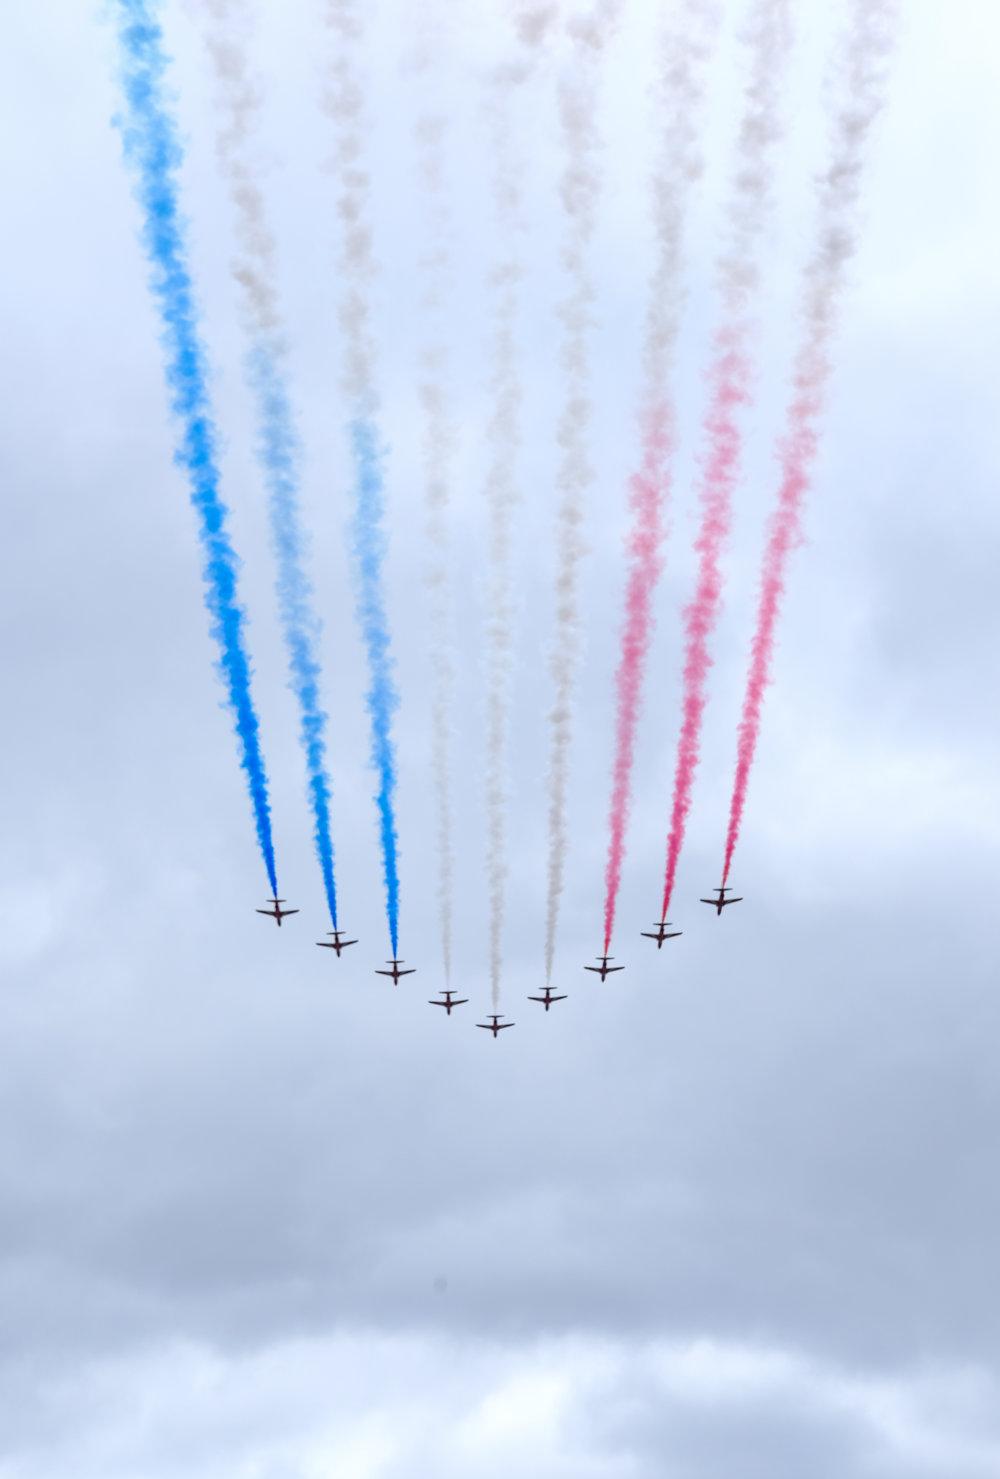 JULY 10, 2018 • RAF CELEBRATES 100 YEARS • 📍London, UK 🇬🇧